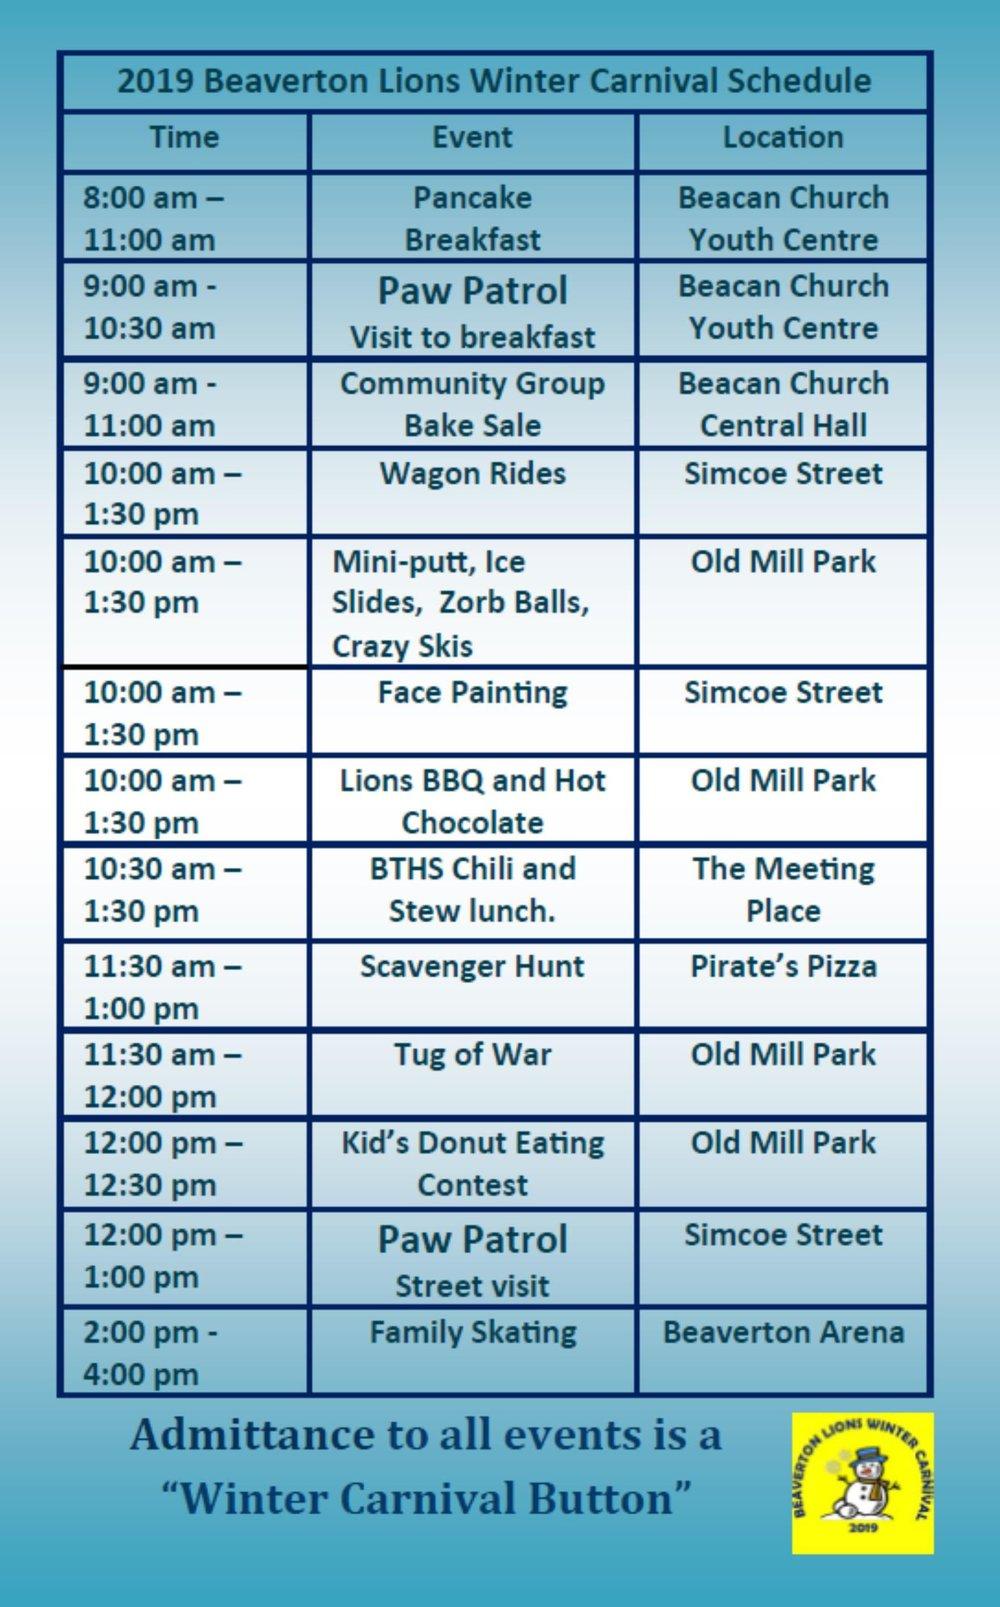 Winter Carnival Schedule.jpg